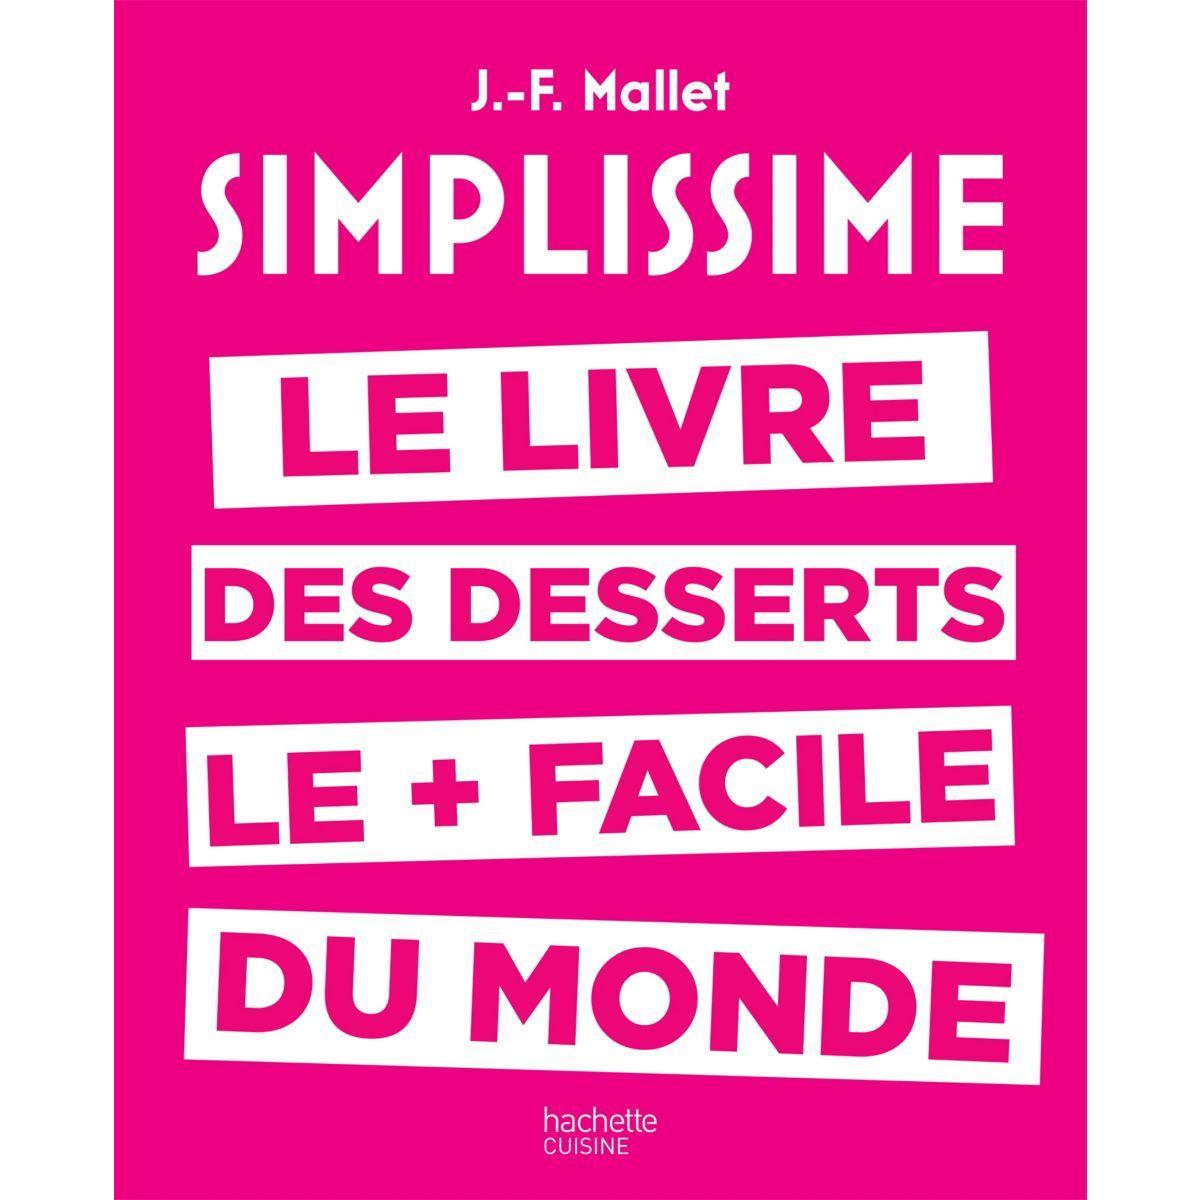 Livre hachette simplissime desserts - la sélection webdistrib.com (photo)